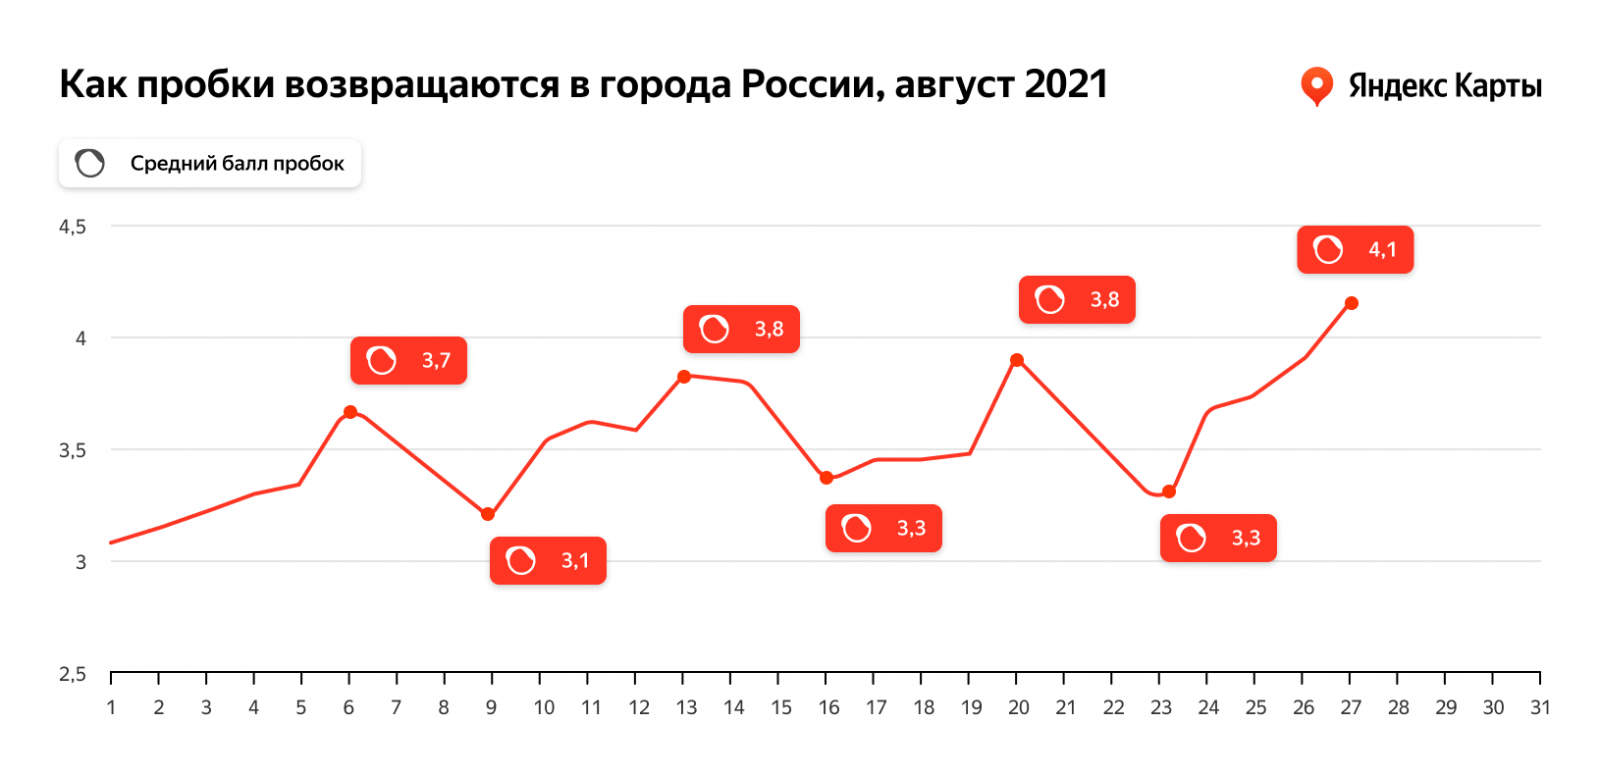 Яндекс.Карты рассказали, что пробки в сентябре будут возвращаться медленно (orig 1)